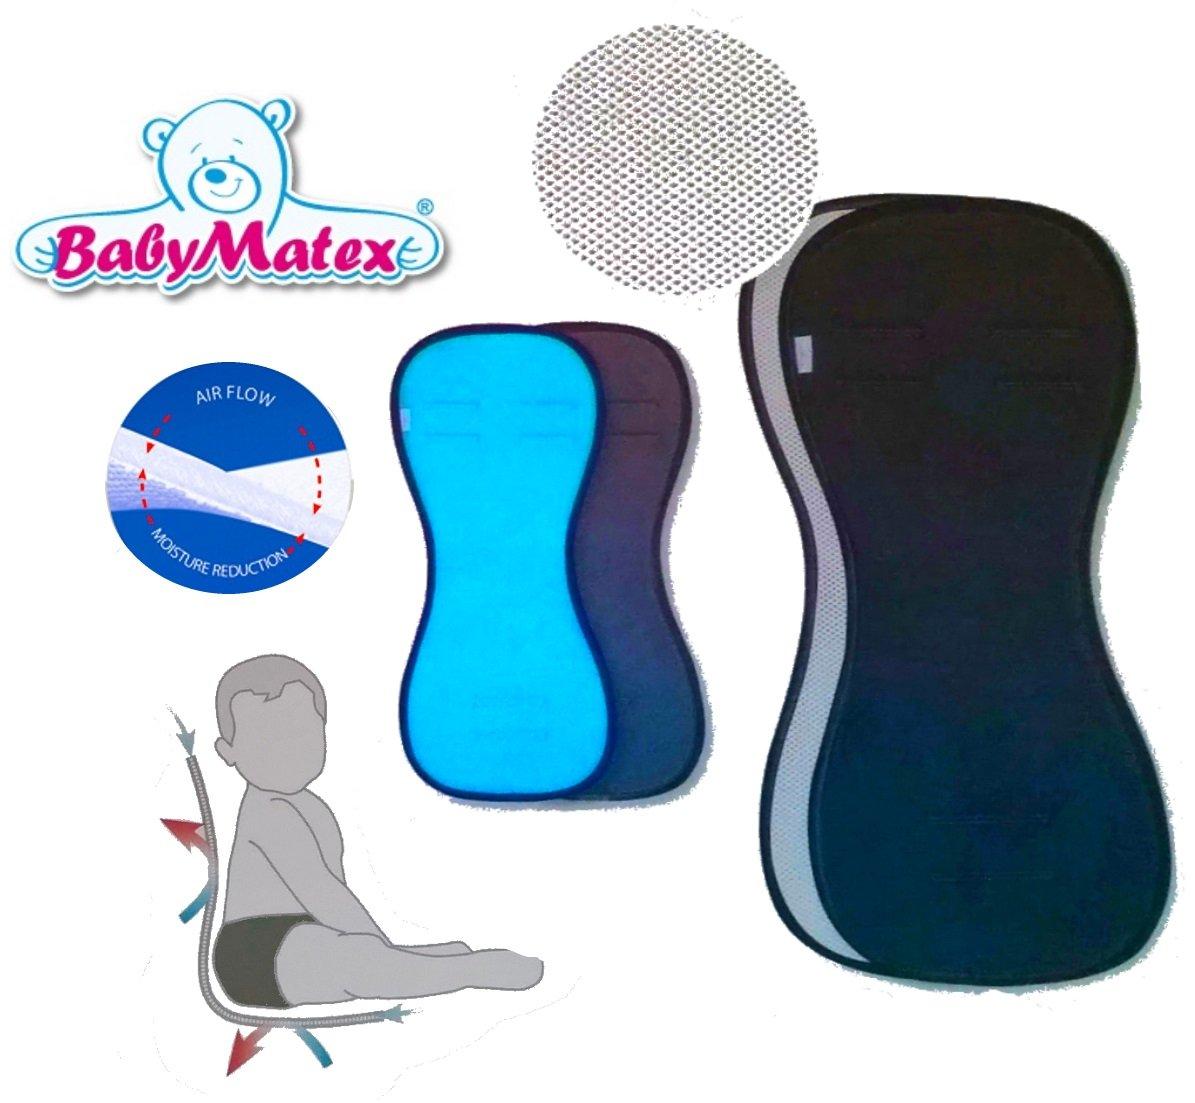 BabyMatex ** PADDIX SCHWARZ ** Atmungsaktive, antiallergische Sitzauflage / Sitzeinlage -- AERO MESH 3D System-- Universal für Babyschale, Autokindersitz, z.B. für Maxi-Cosi, Römer, für Kinderwagen, Buggy, Hochstuhl etc. z.B. für Maxi-Cosi Römer für Kinder